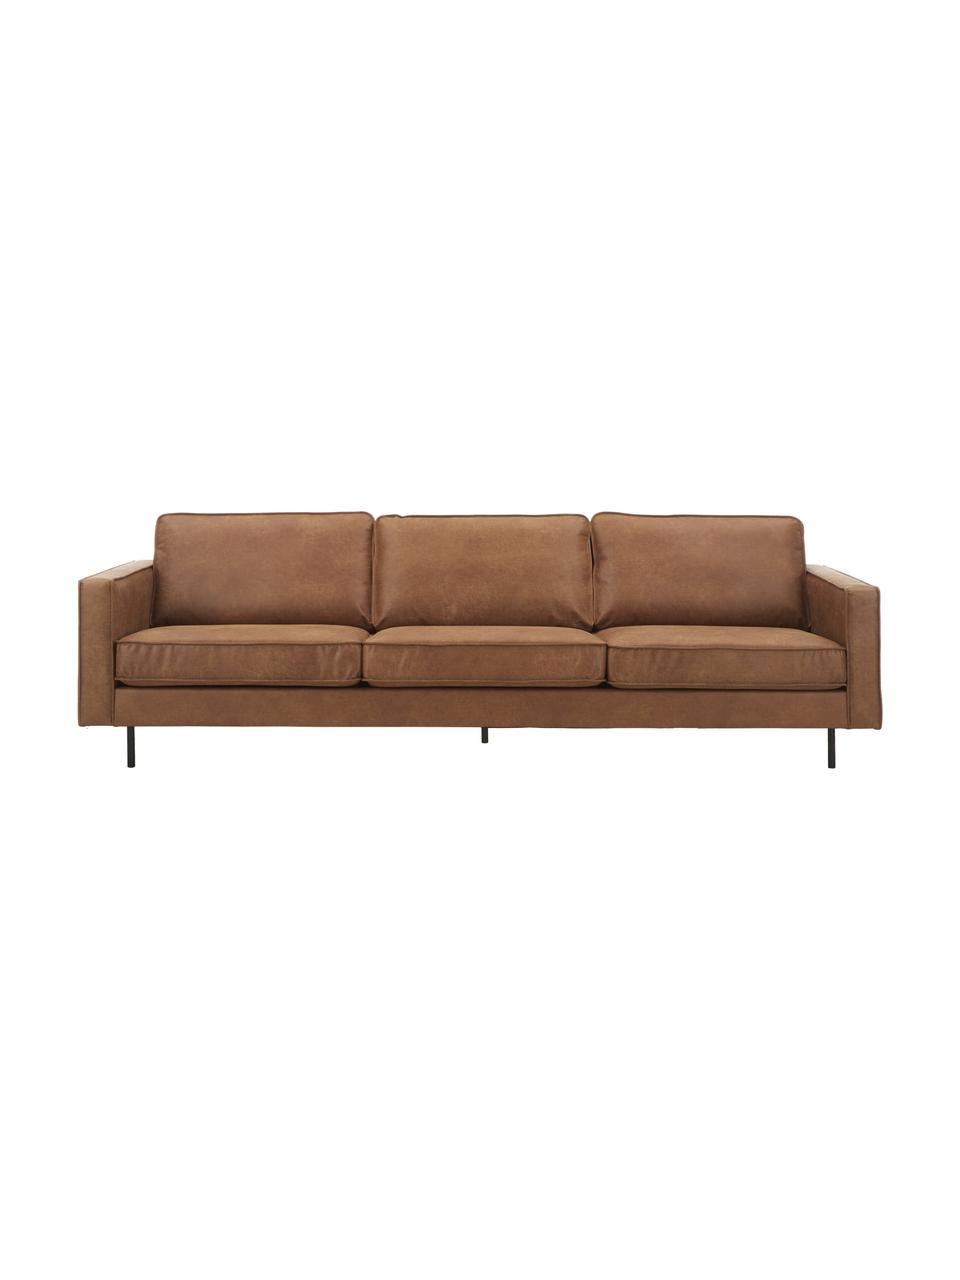 Sofa skórzana z recyklingu Hunter (4-osobowa), Tapicerka: skóra z recyklingu (70% s, Nogi: tworzywo sztuczne, Brązowy, S 264 x G 90 cm